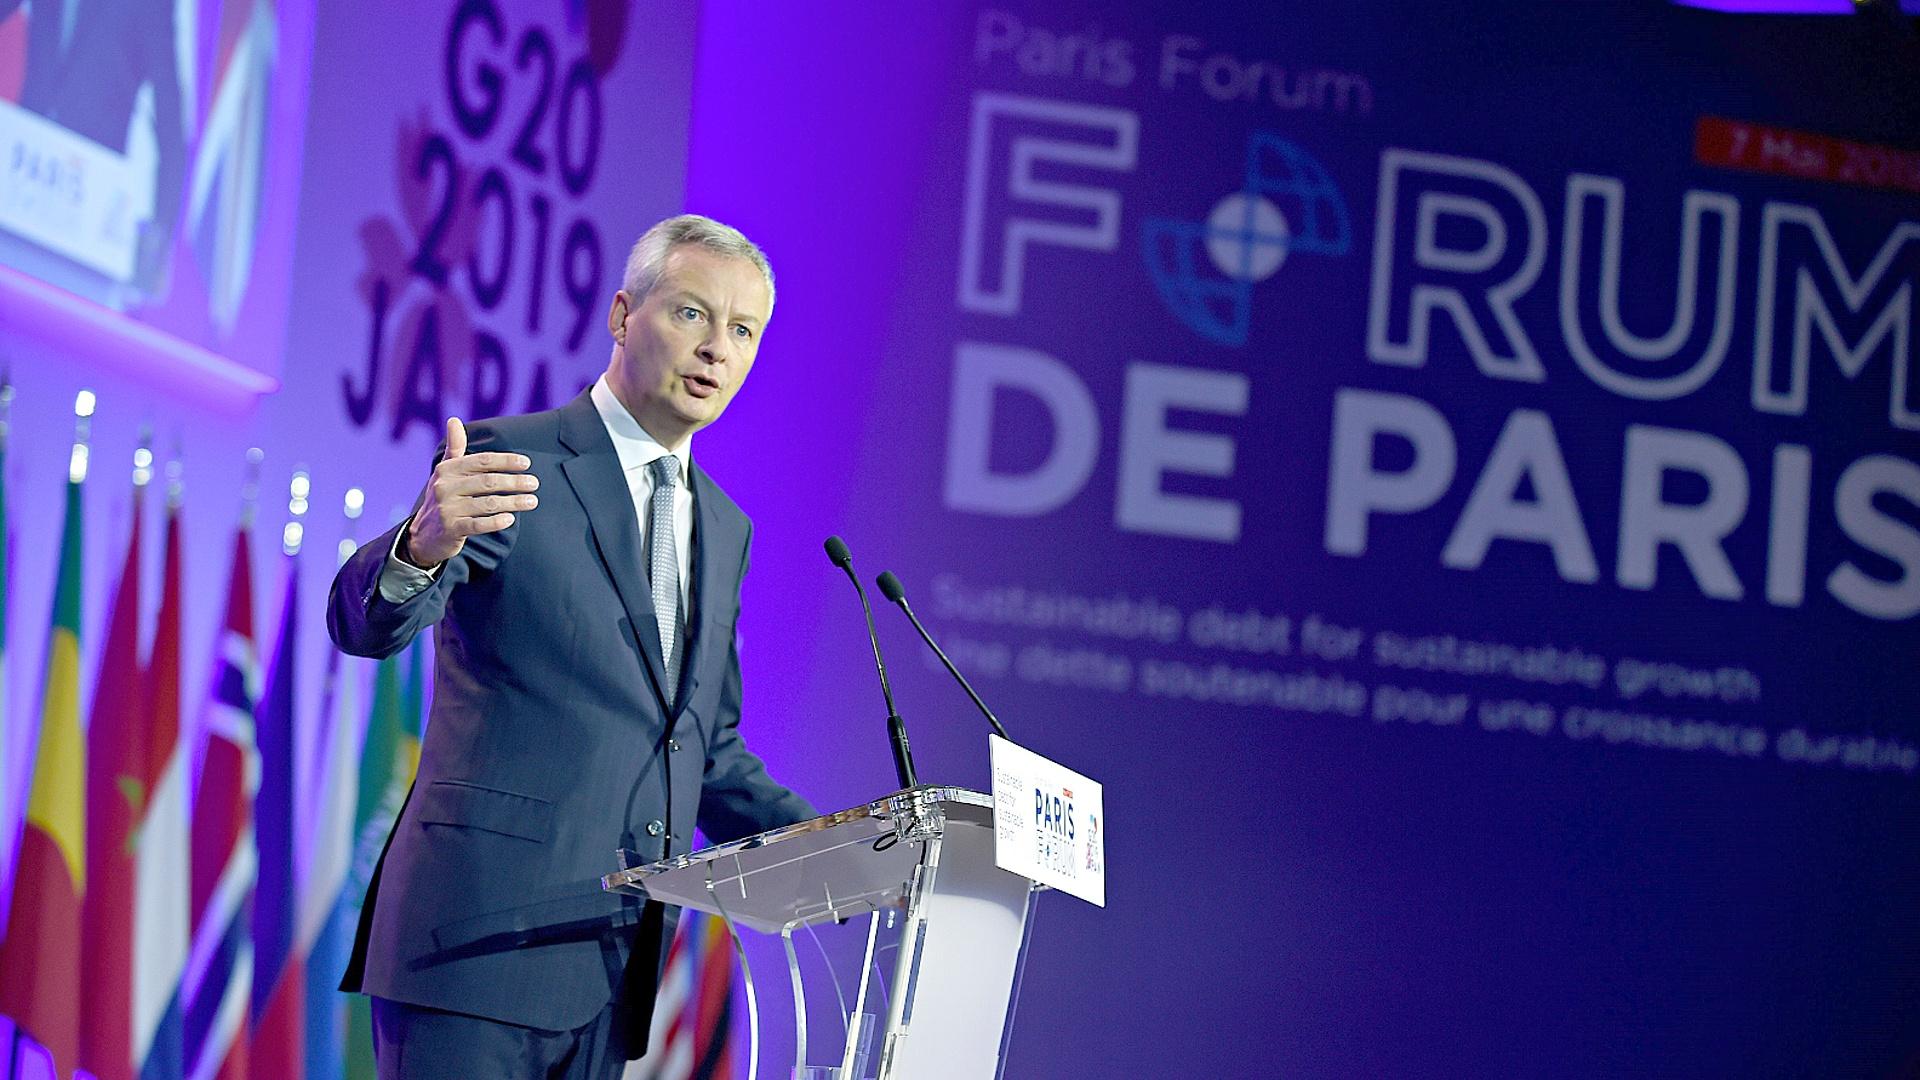 Министры финансов в Париже обсудили растущие госдолги развивающихся стран